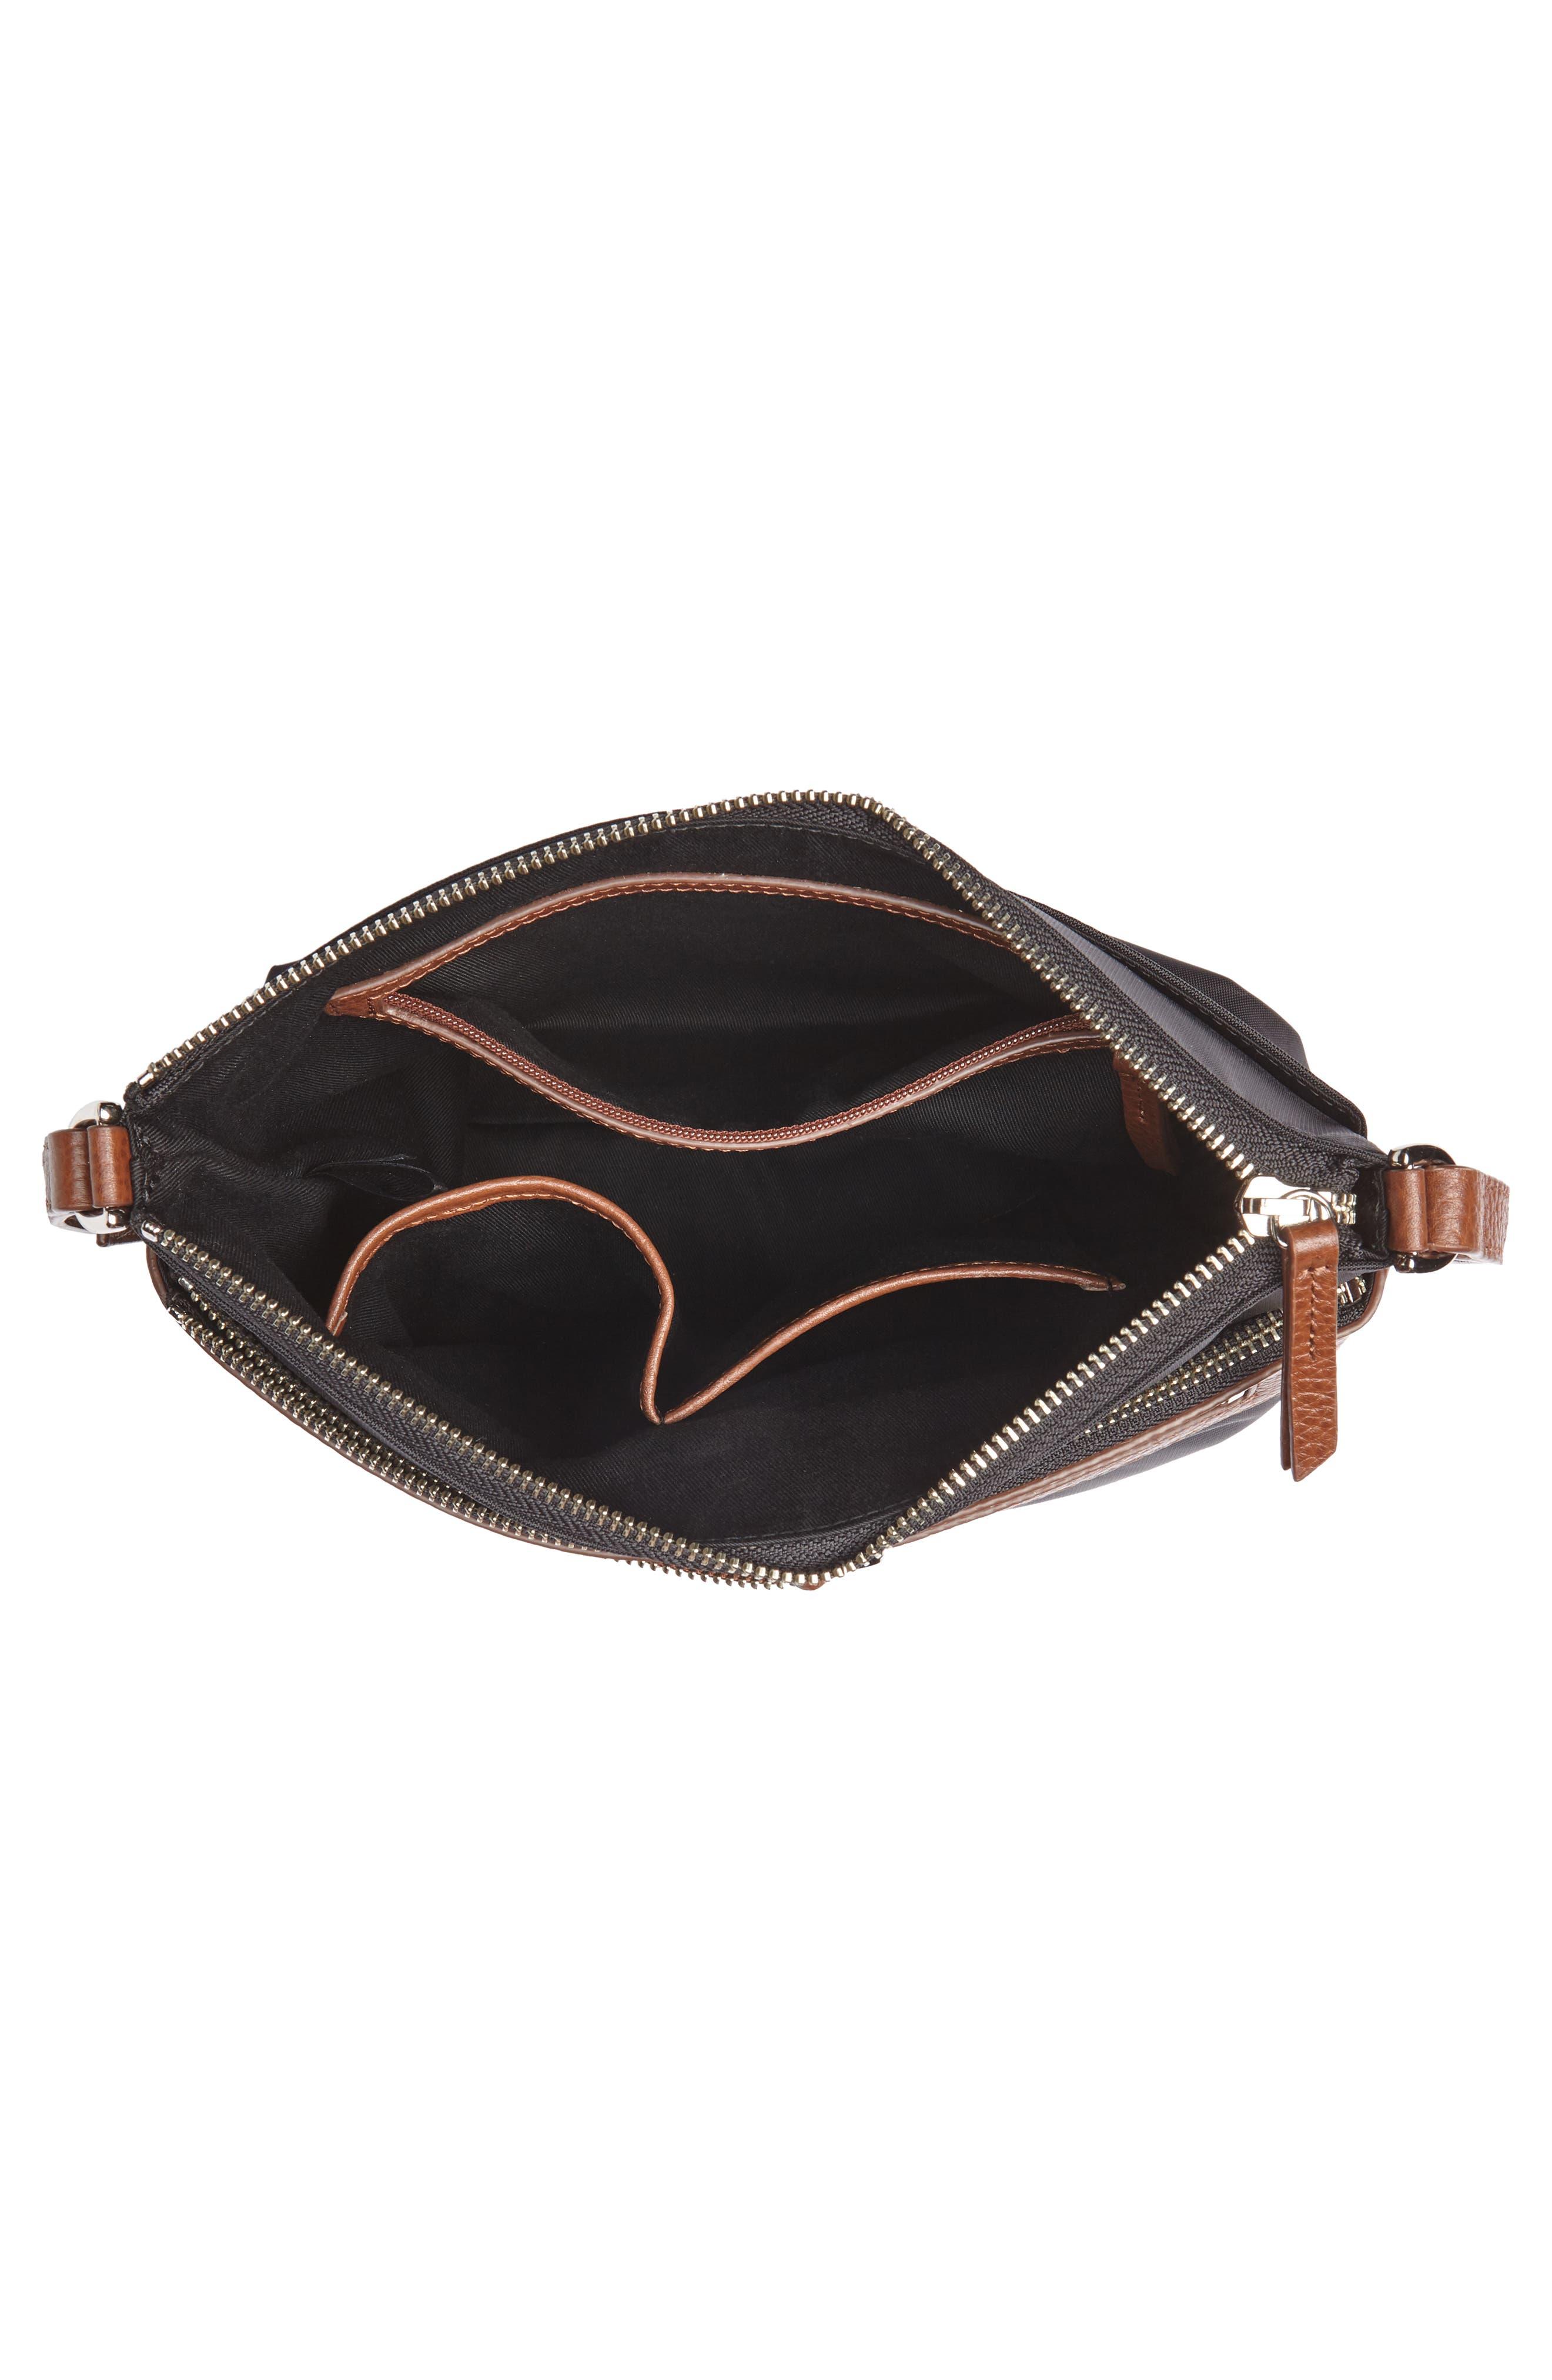 Kaison Nylon Crossbody Bag,                             Alternate thumbnail 4, color,                             002